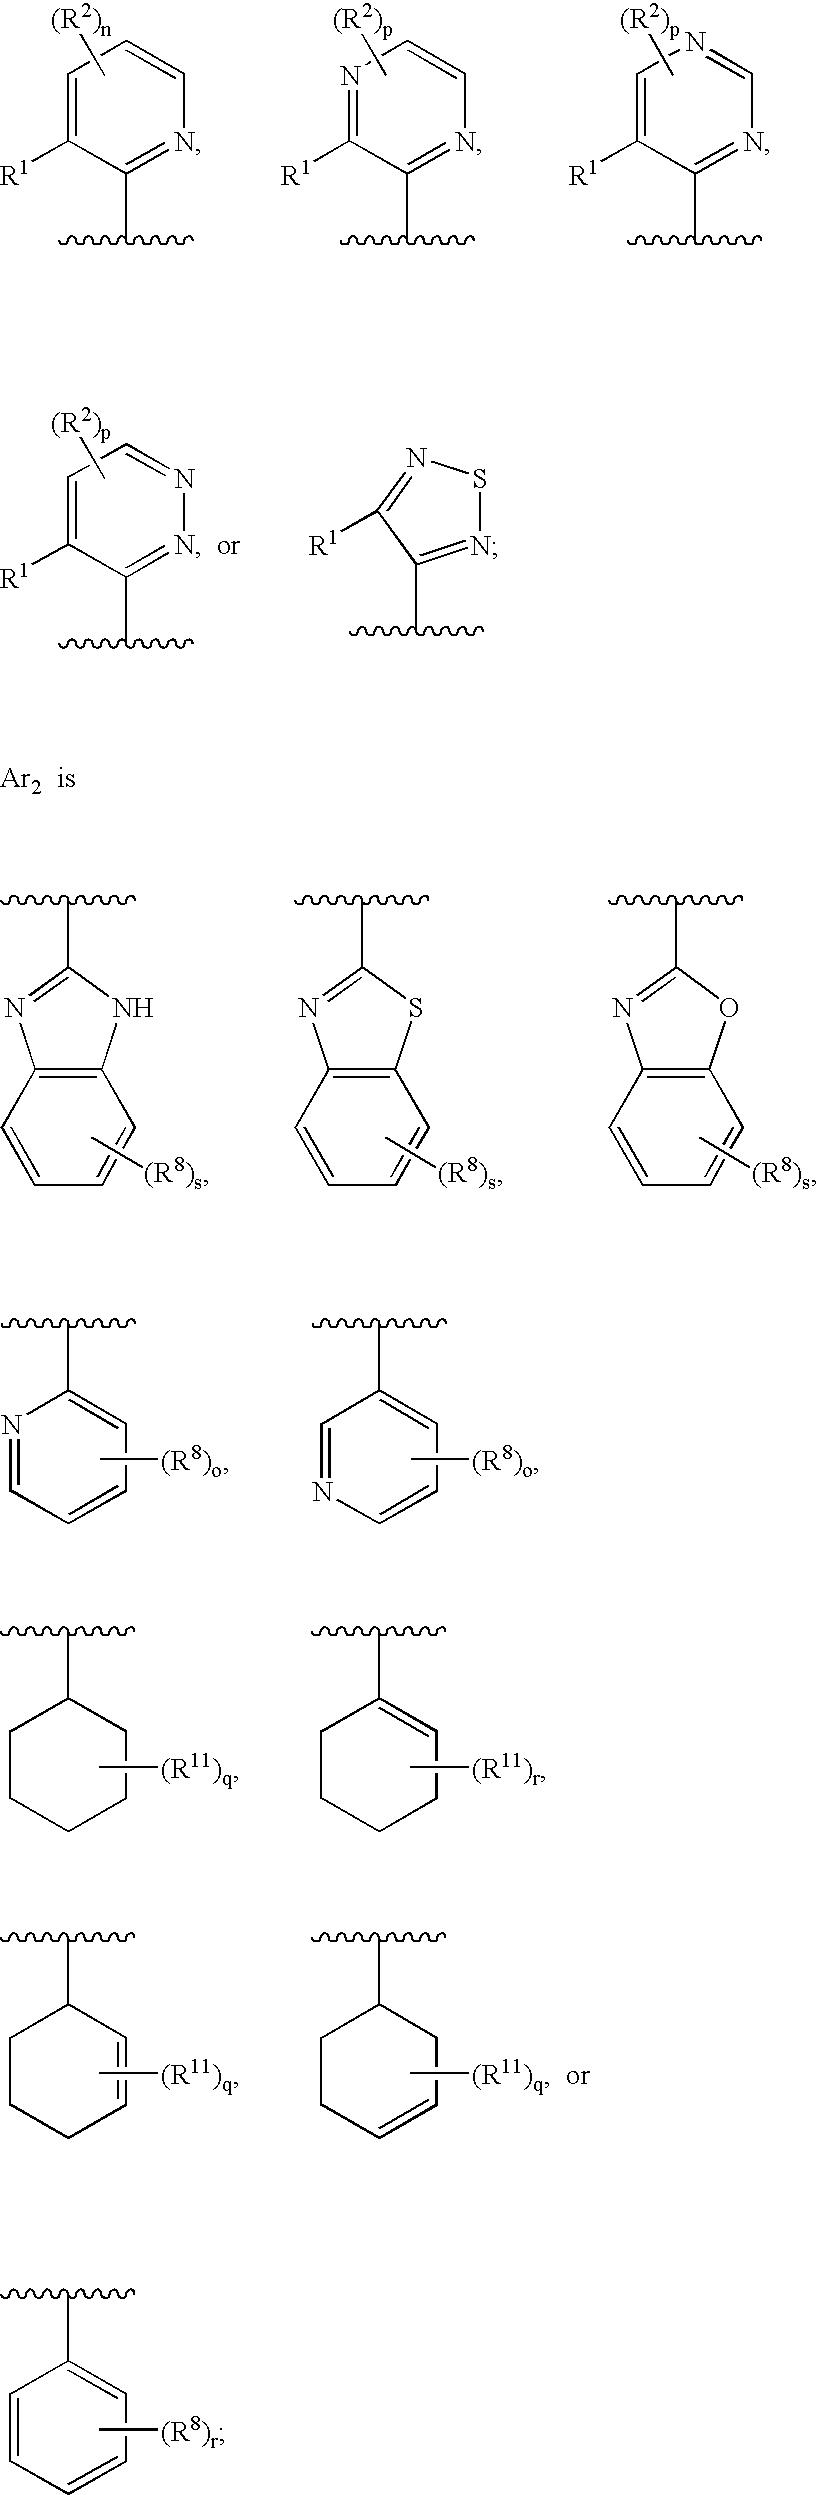 Figure US07279493-20071009-C00018